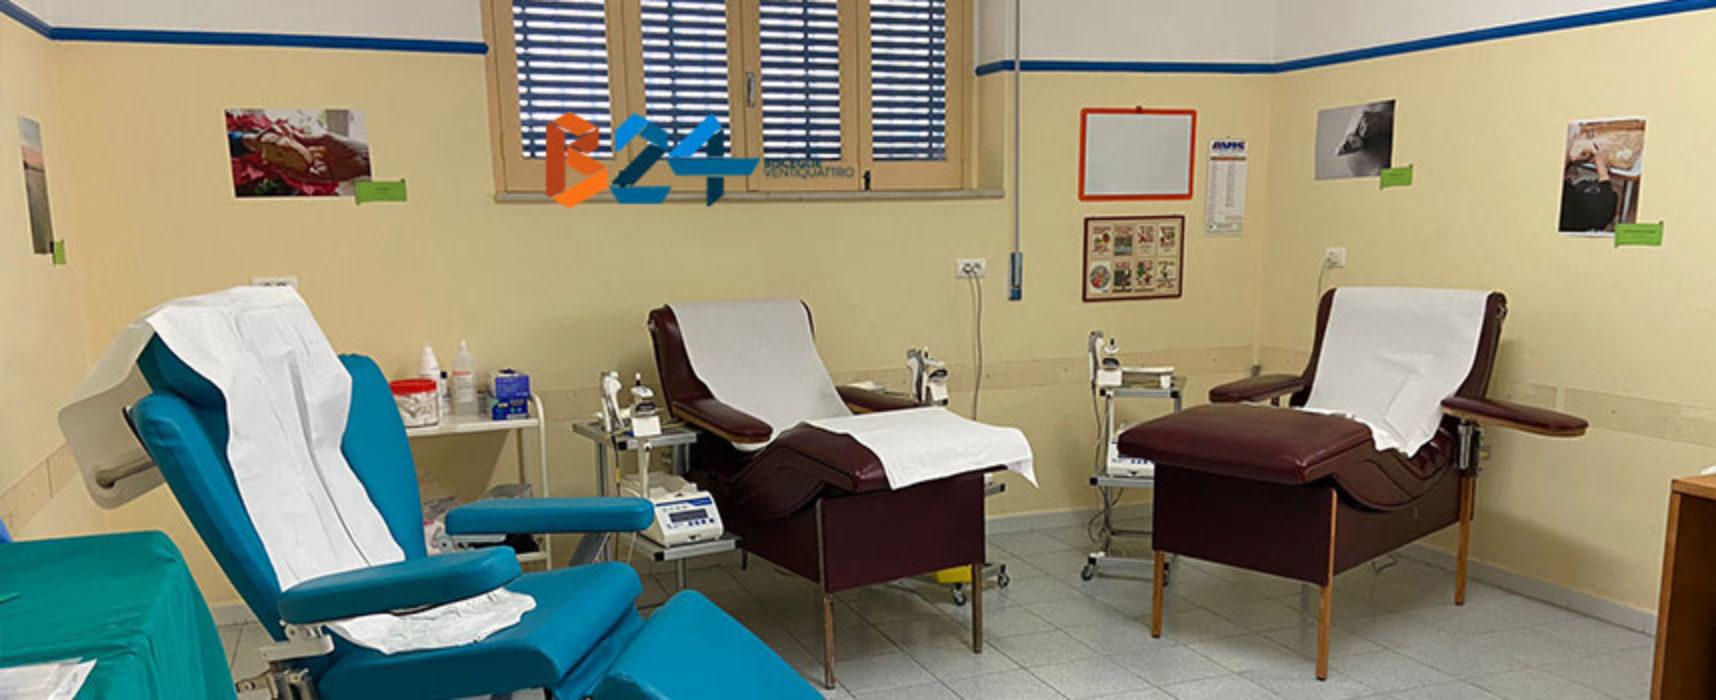 Avis Bisceglie, aperte le prenotazioni per donazione sangue nel fine settimana